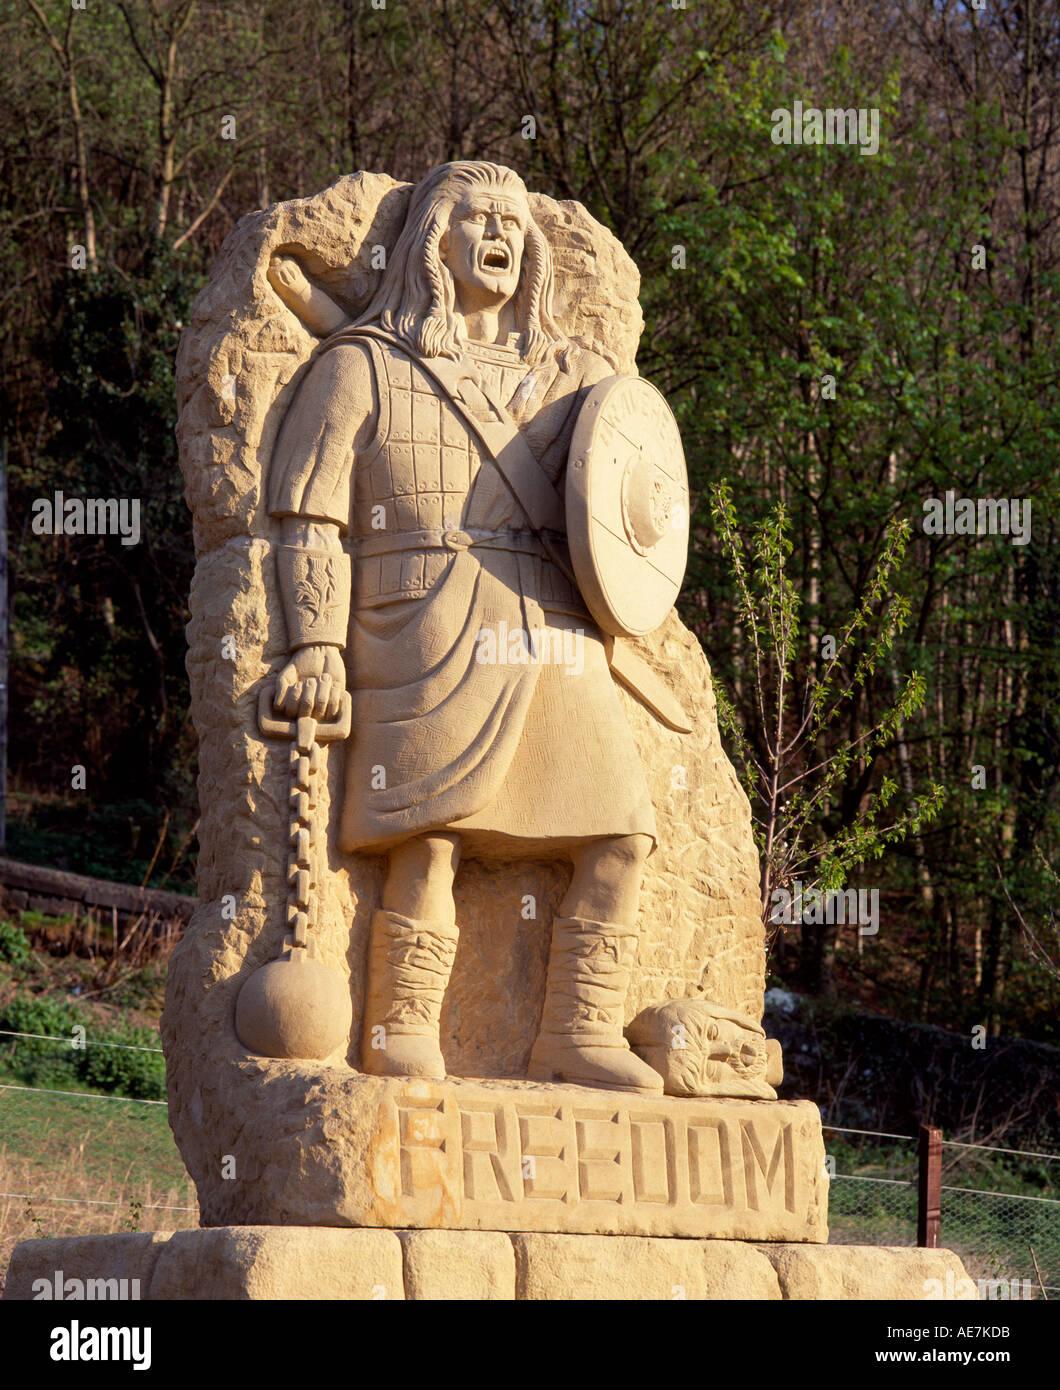 uma-estatua-de-mel-gibson-sob-o-disfarce